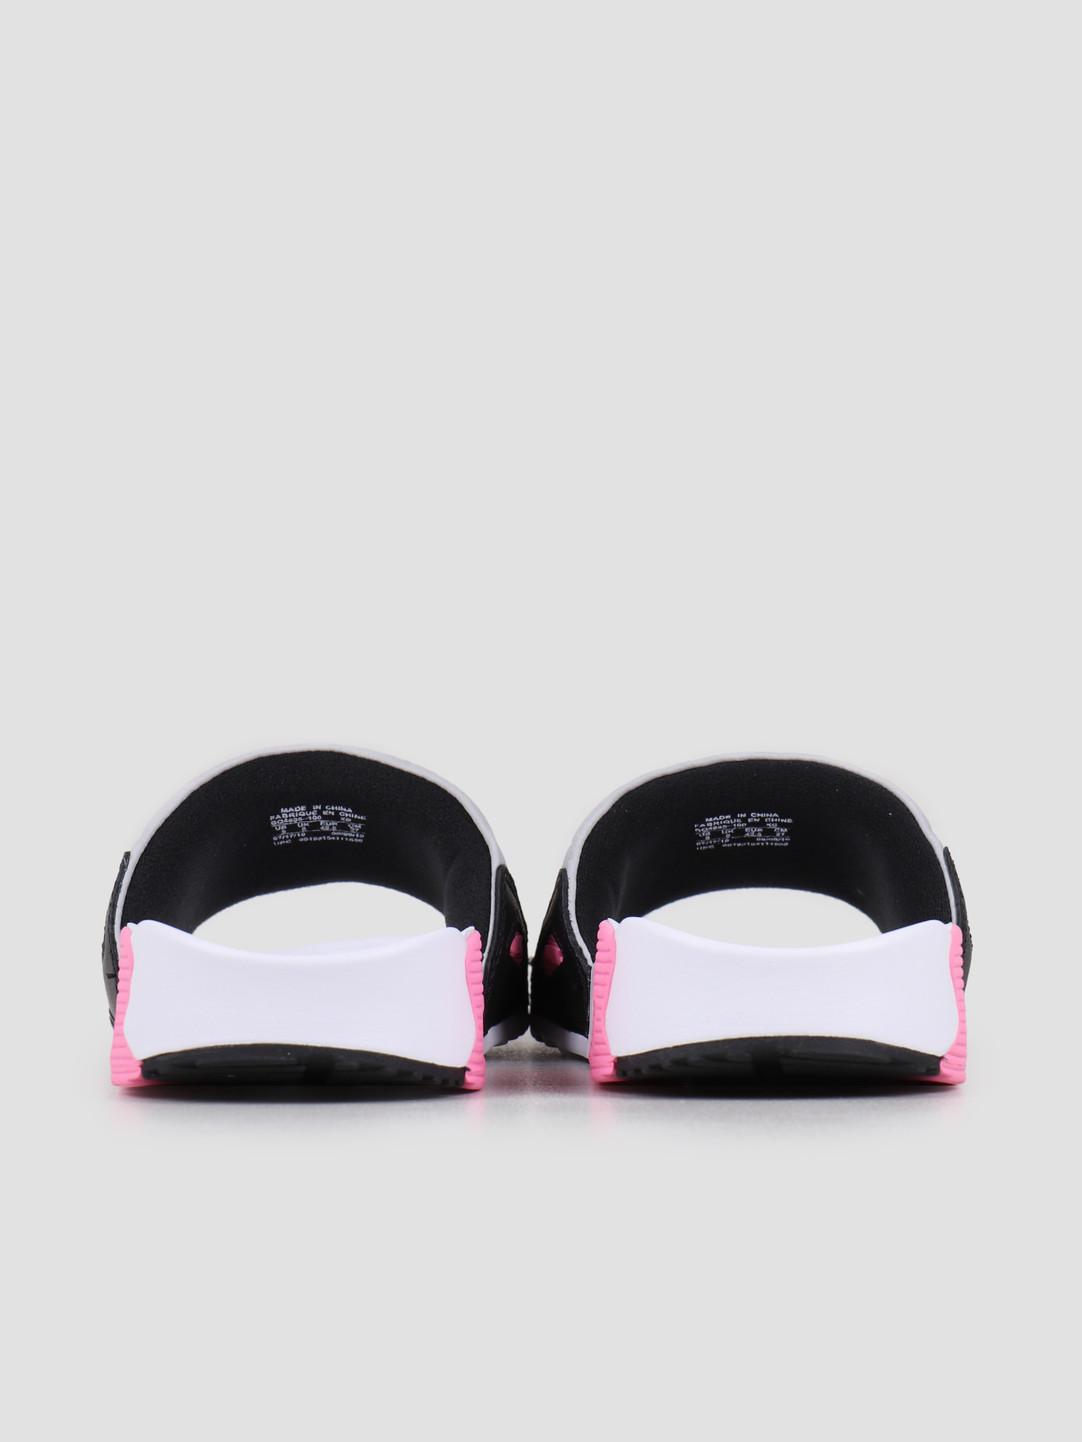 Nike Nike Air Max 90 Slide White Smoke Grey Rose Lt Smoke Grey BQ4635-100